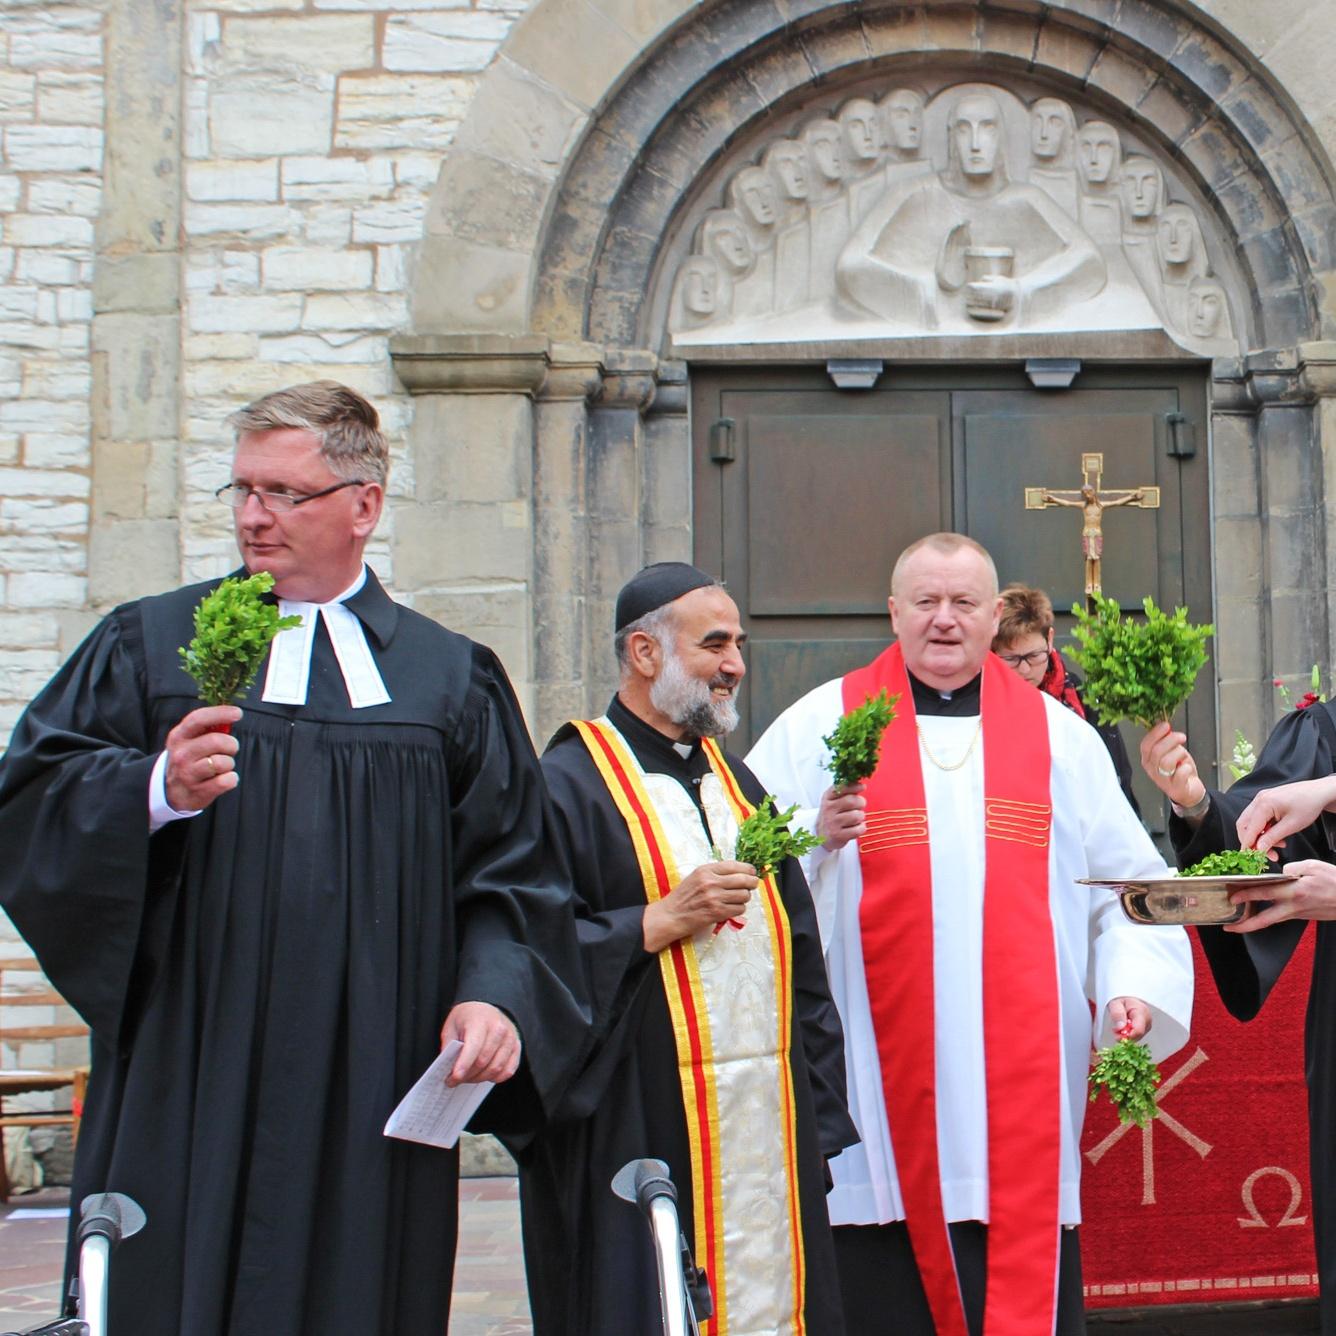 """800 Christinnen und Christen feiern ersten ökumenischen Pfingstgottesdienst in Paderborn """"Richtiger Ansatzpunkt, um Ökumene weiterzubringen"""""""